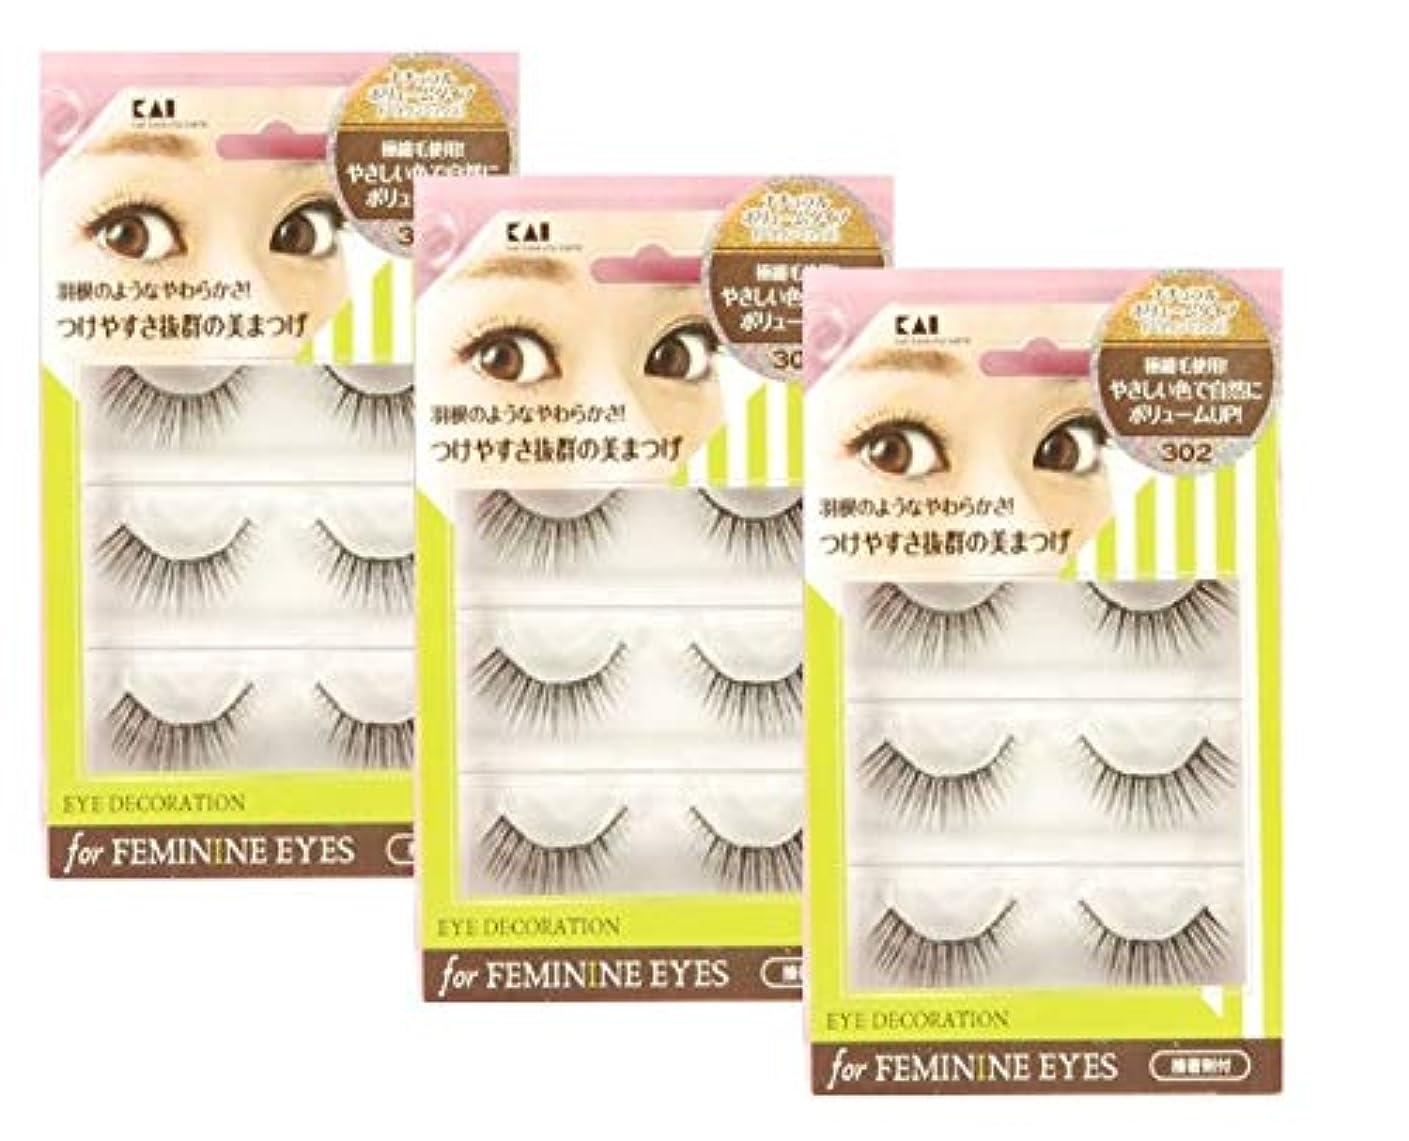 生き物マサッチョ再生【まとめ買い3個セット】アイデコレーション for feminine eyes 302 ナチュラルボリュームタイプ(ブラウンミックス)